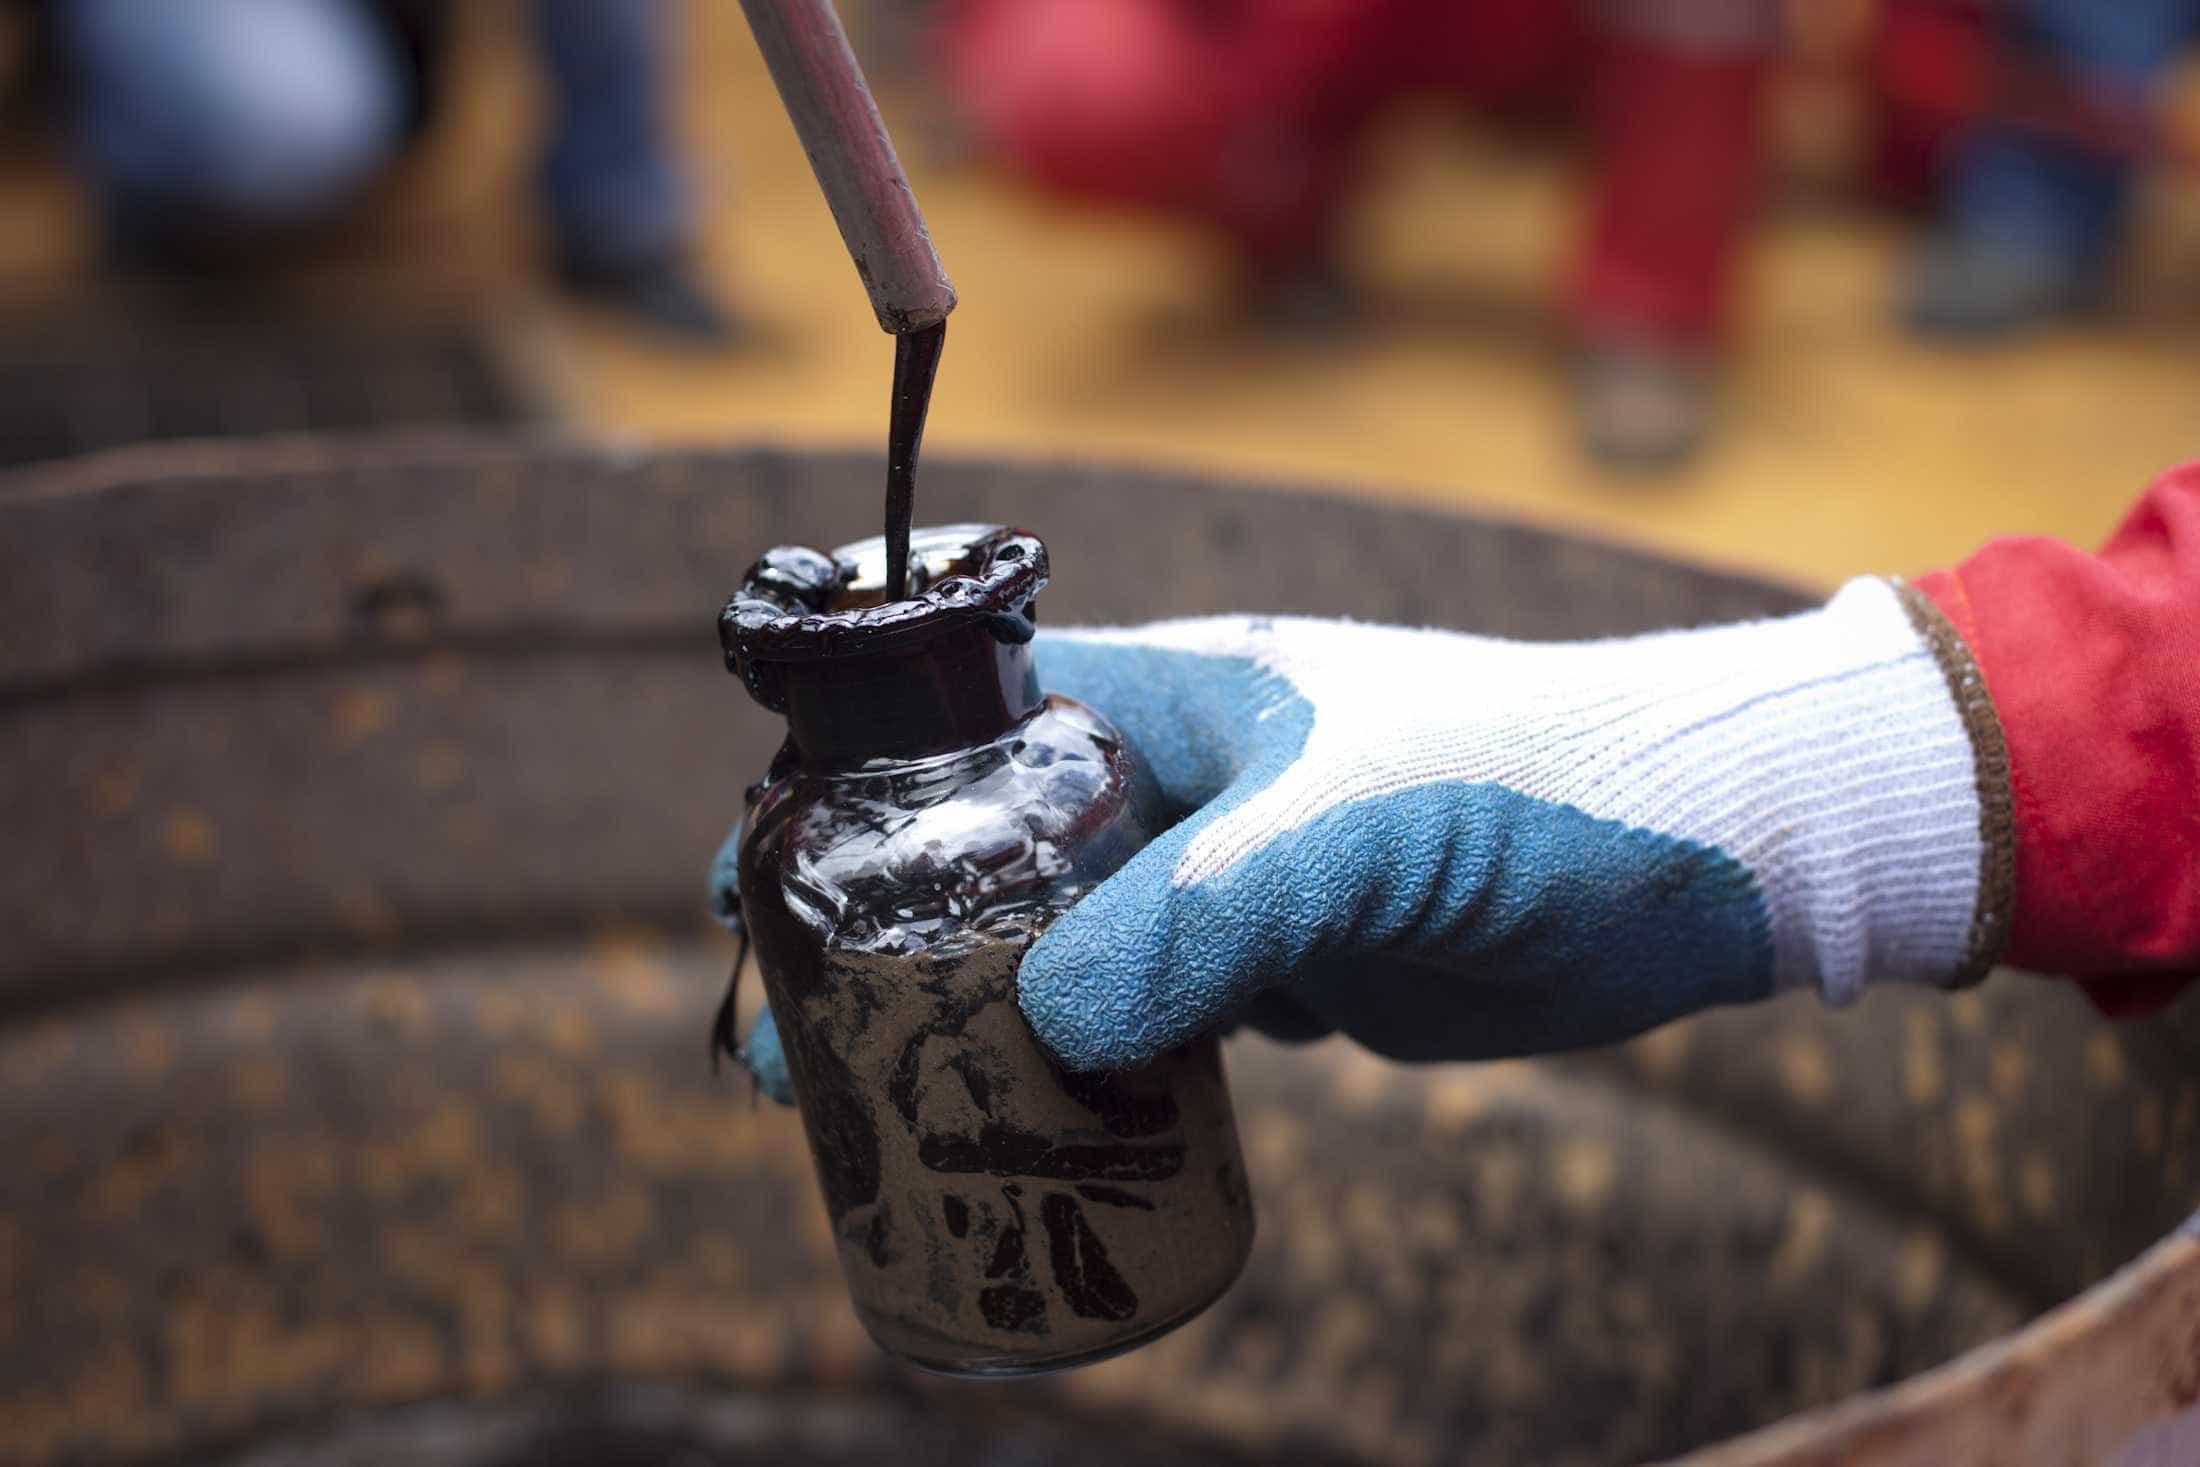 Petróleo continua a afundar e já está abaixo dos 60 dólares em Londres